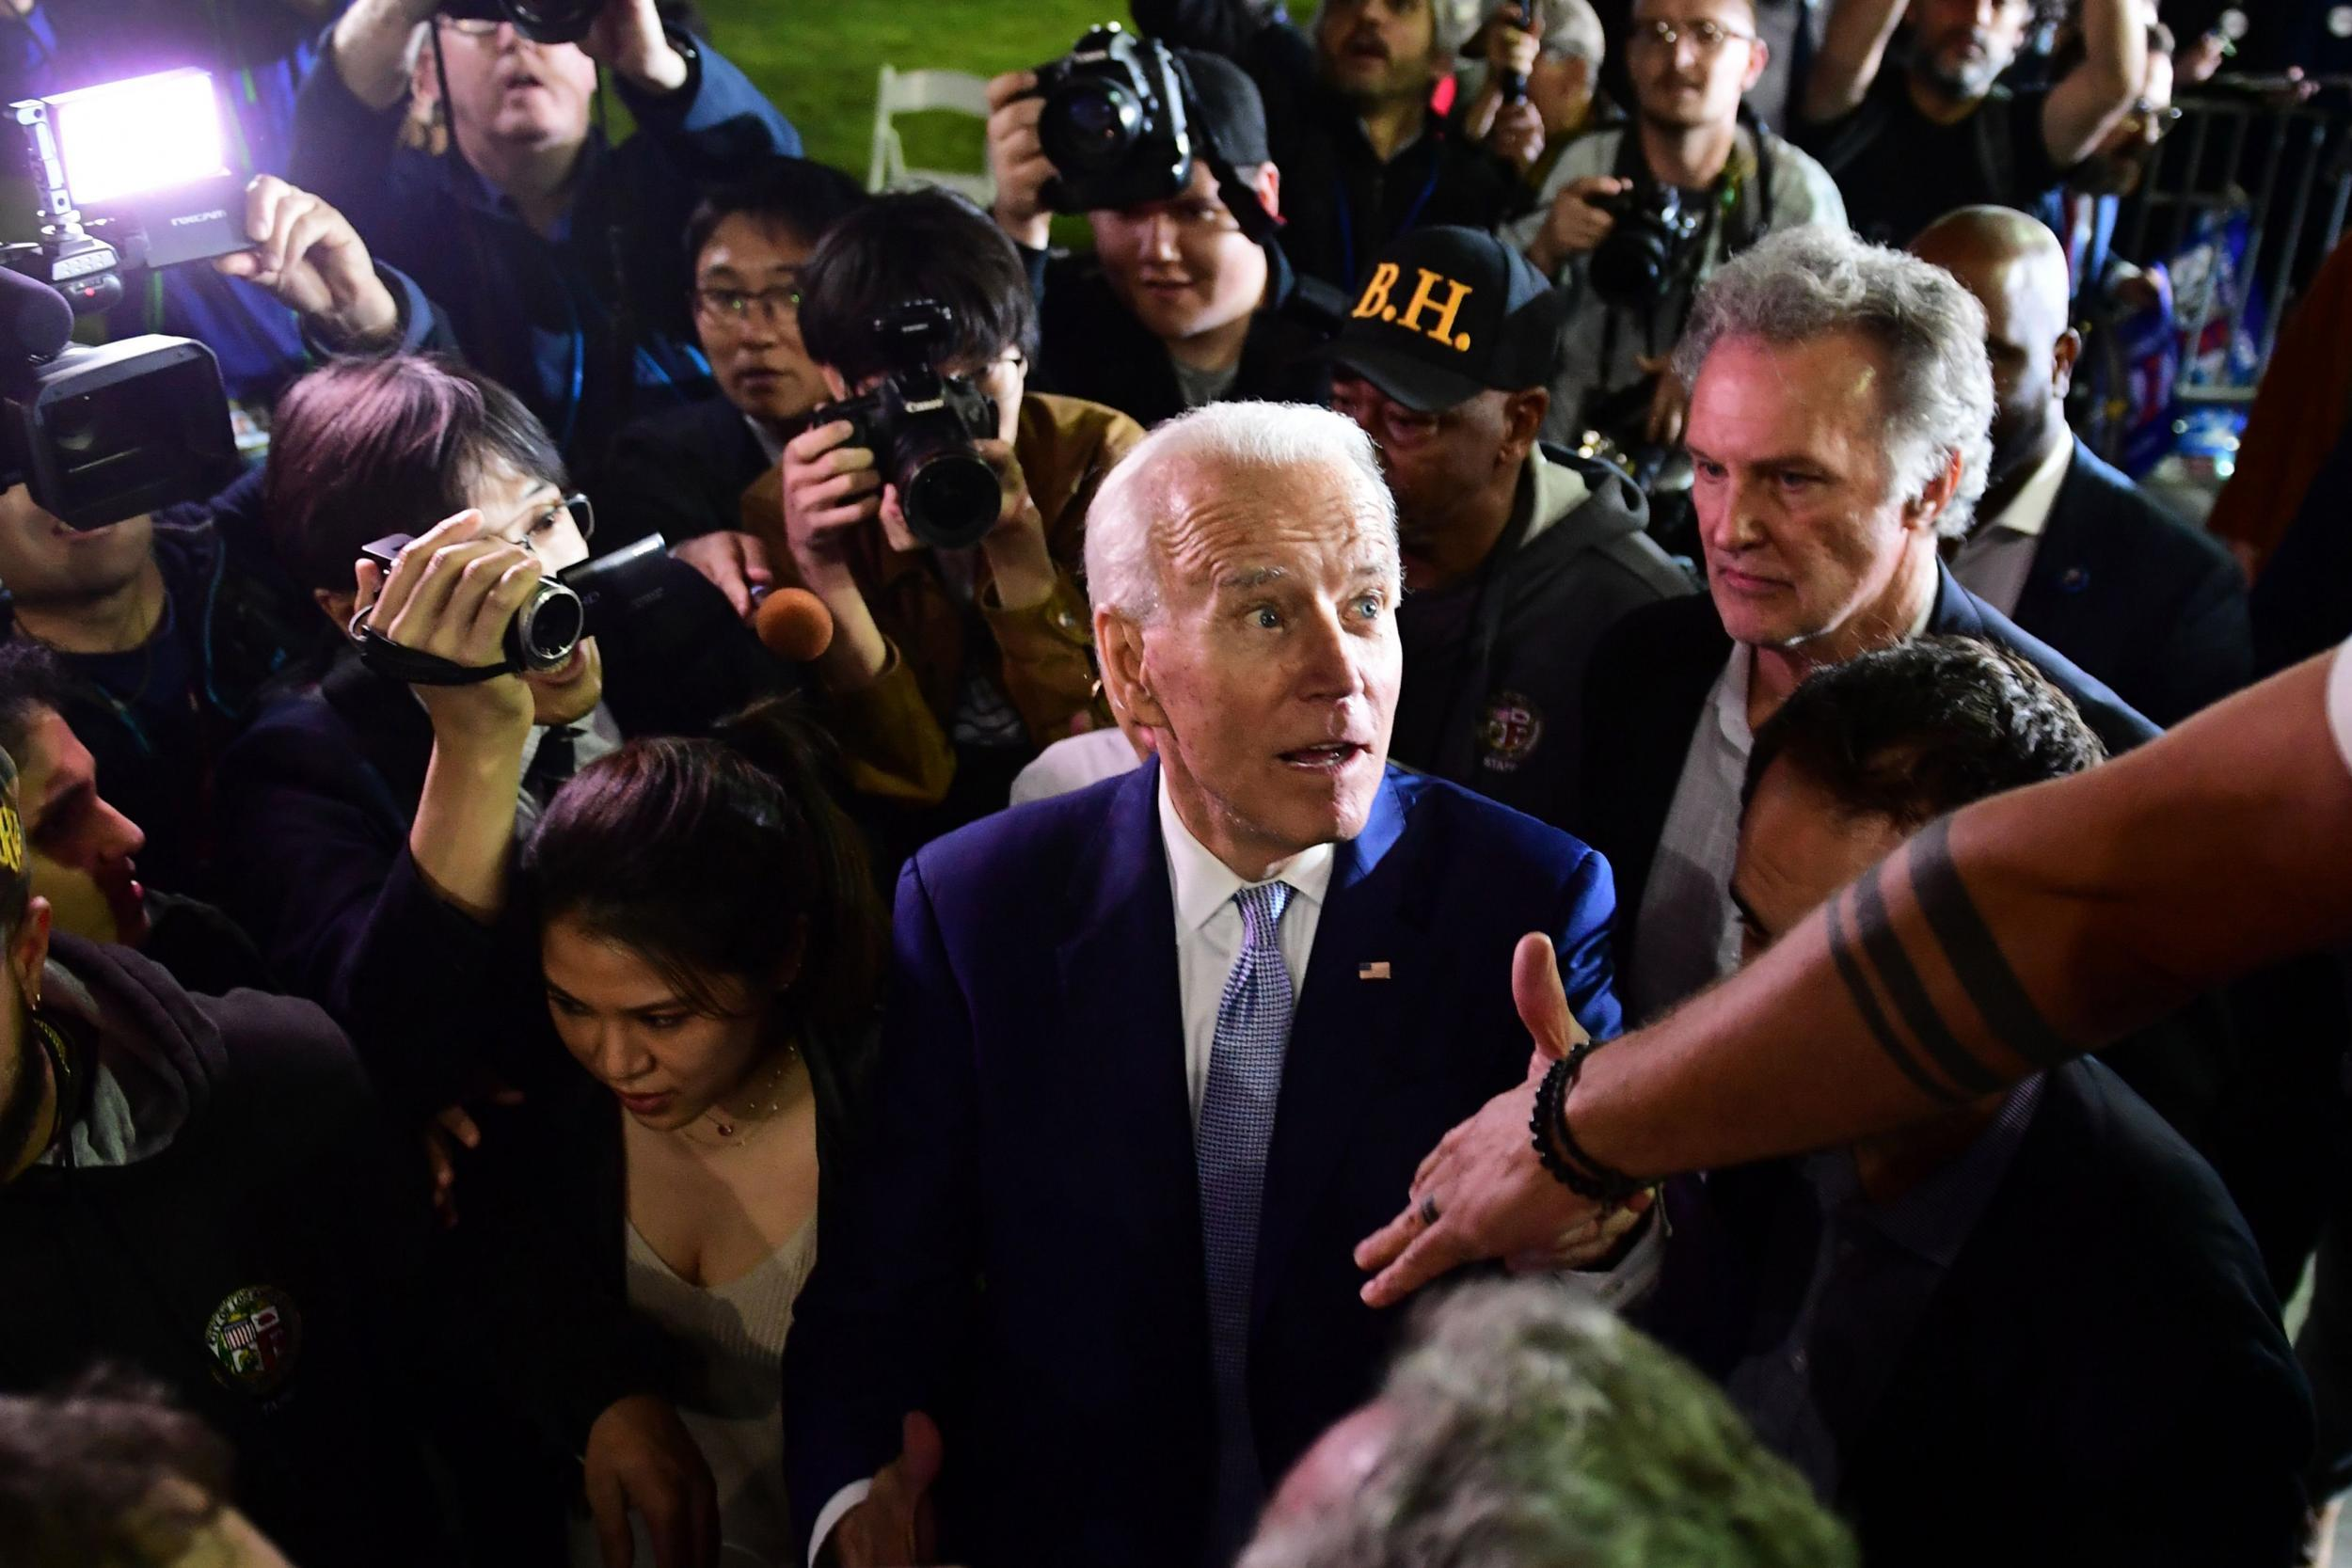 Furious veterans confront Joe Biden over Iraq war